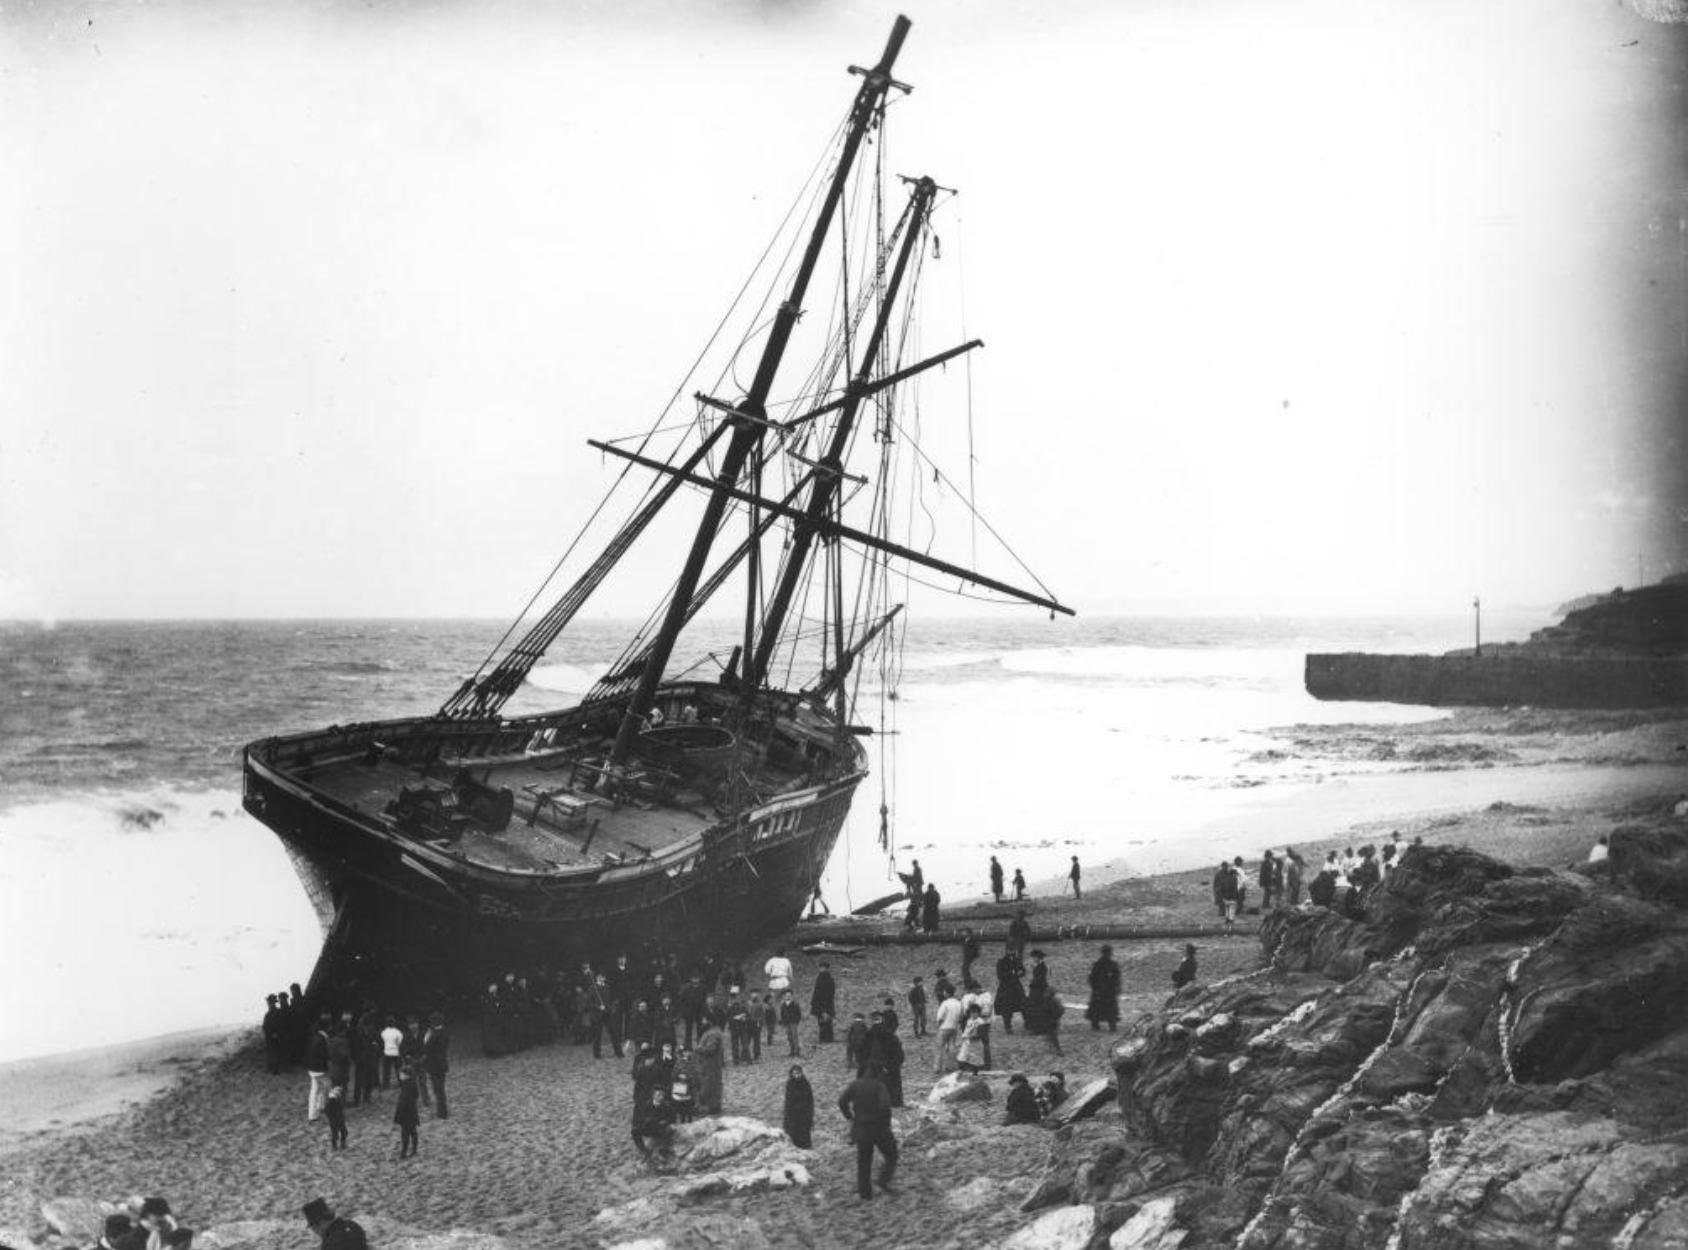 The Cviet which ran aground near Porthleven in 1884